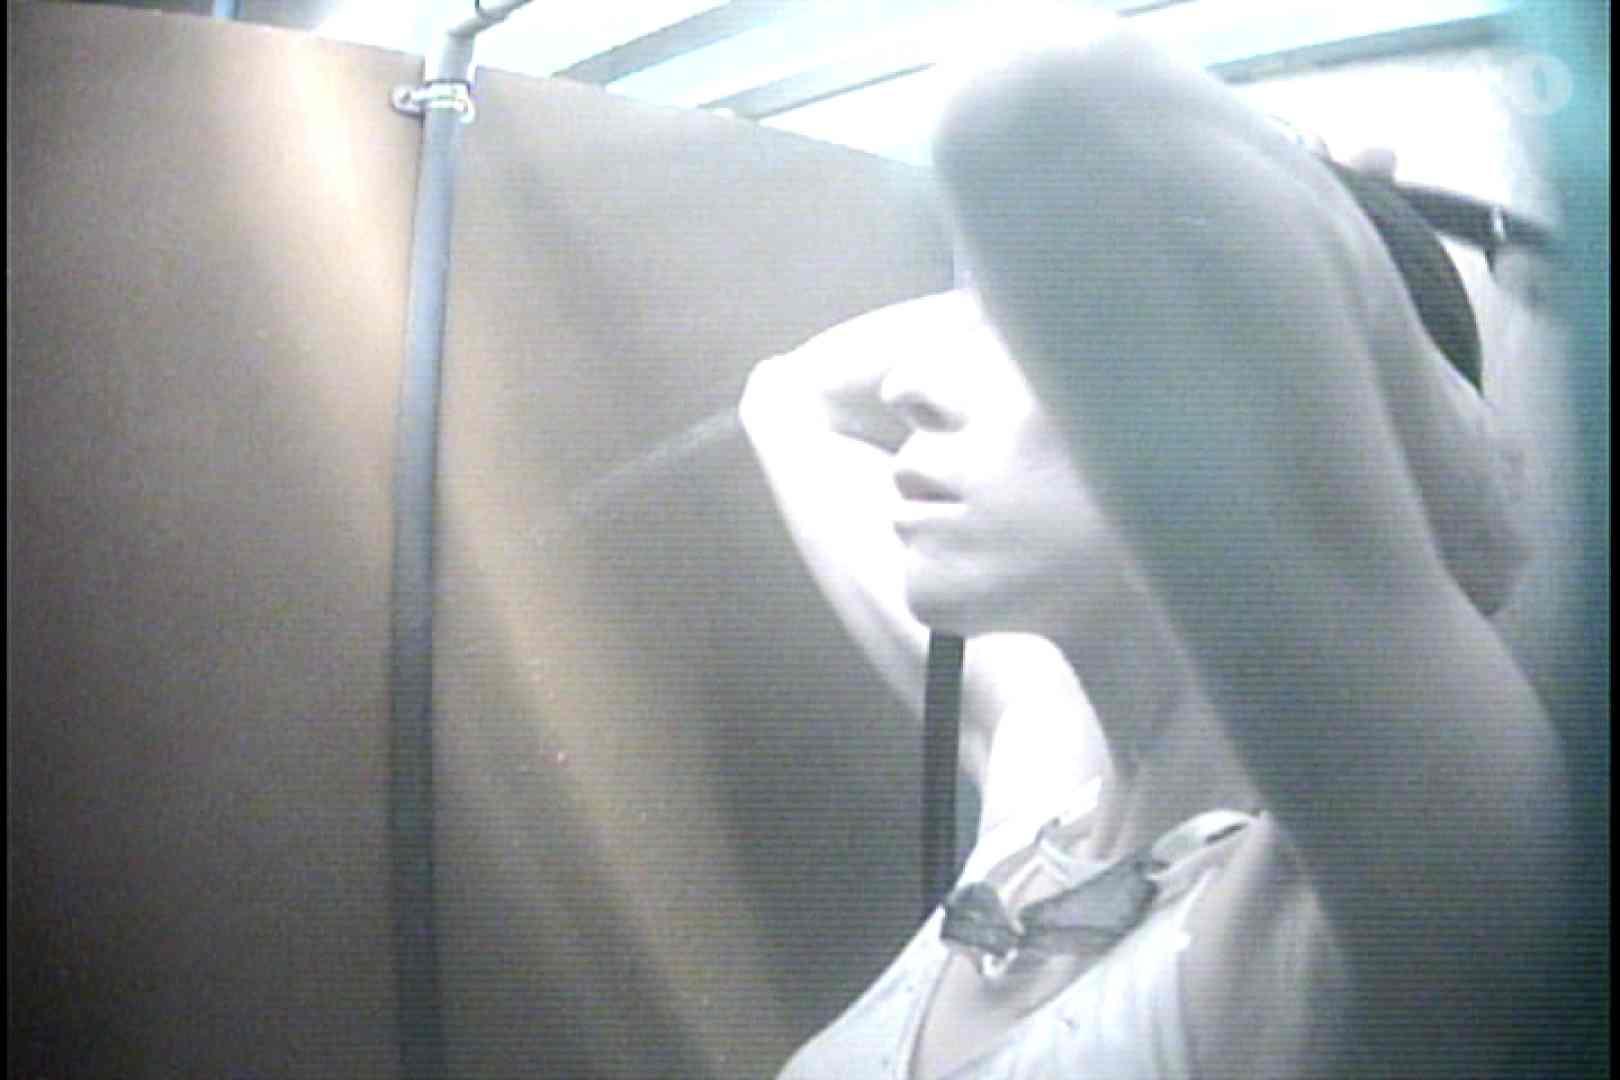 File.40 スレンダーお姉さんの一瞬見せるたれたおっぱい エロいお姉さん オマンコ無修正動画無料 46枚